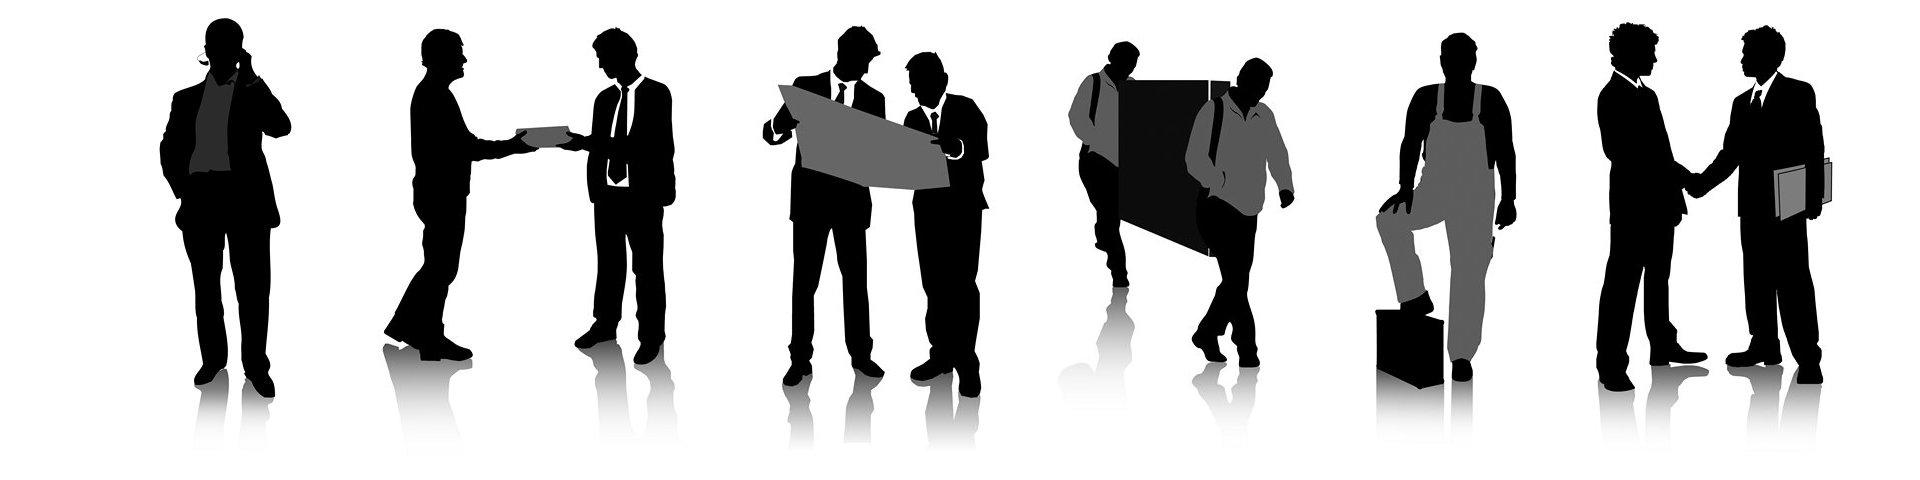 BOSE Pro - партнёрство для дизайнеров, архитекторов, инсталляторов, декораторов